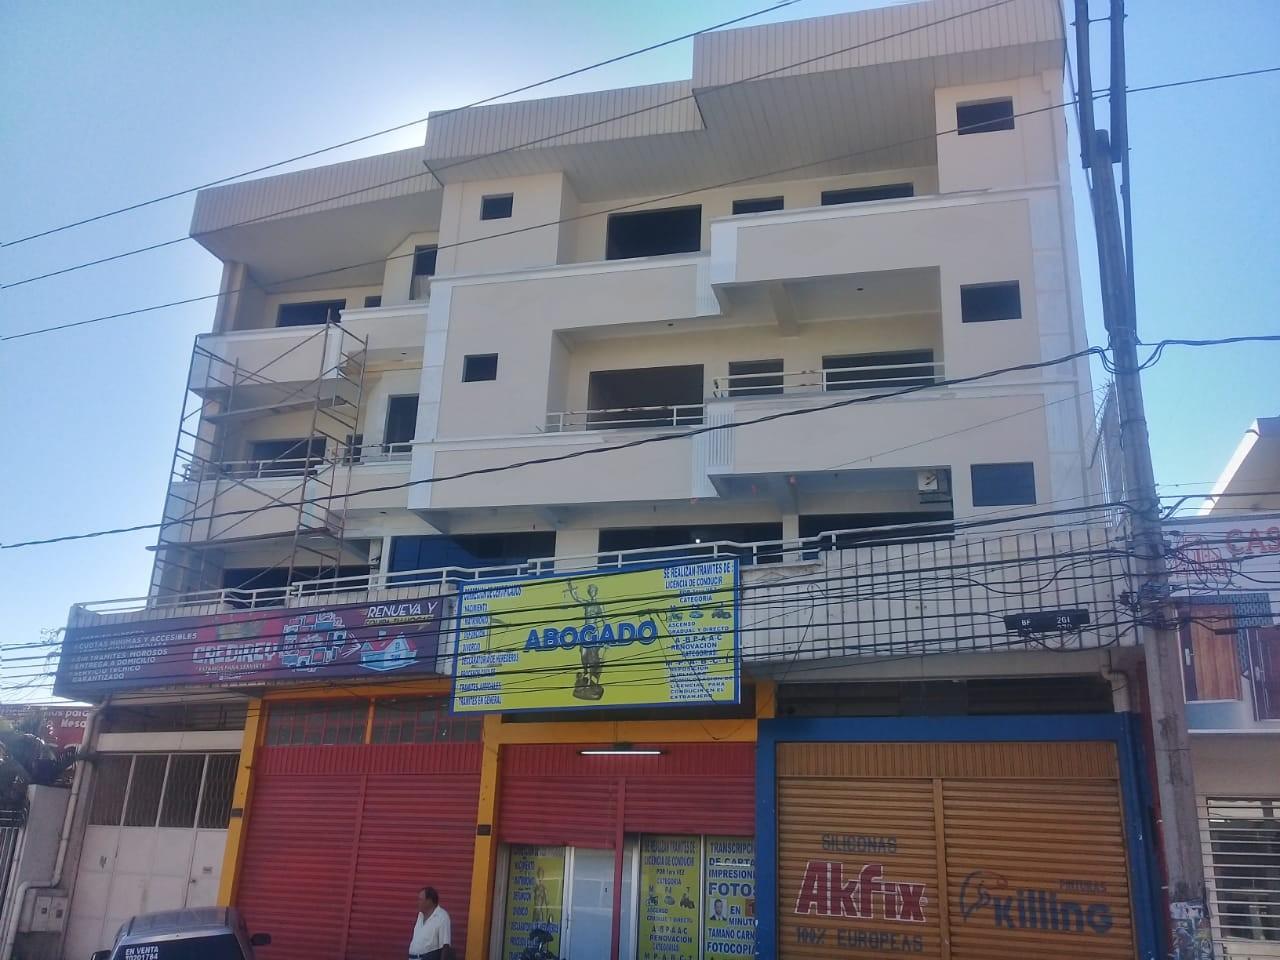 Edificio en Venta 3er. Anillo interno diagonal mercado abasto Foto 1